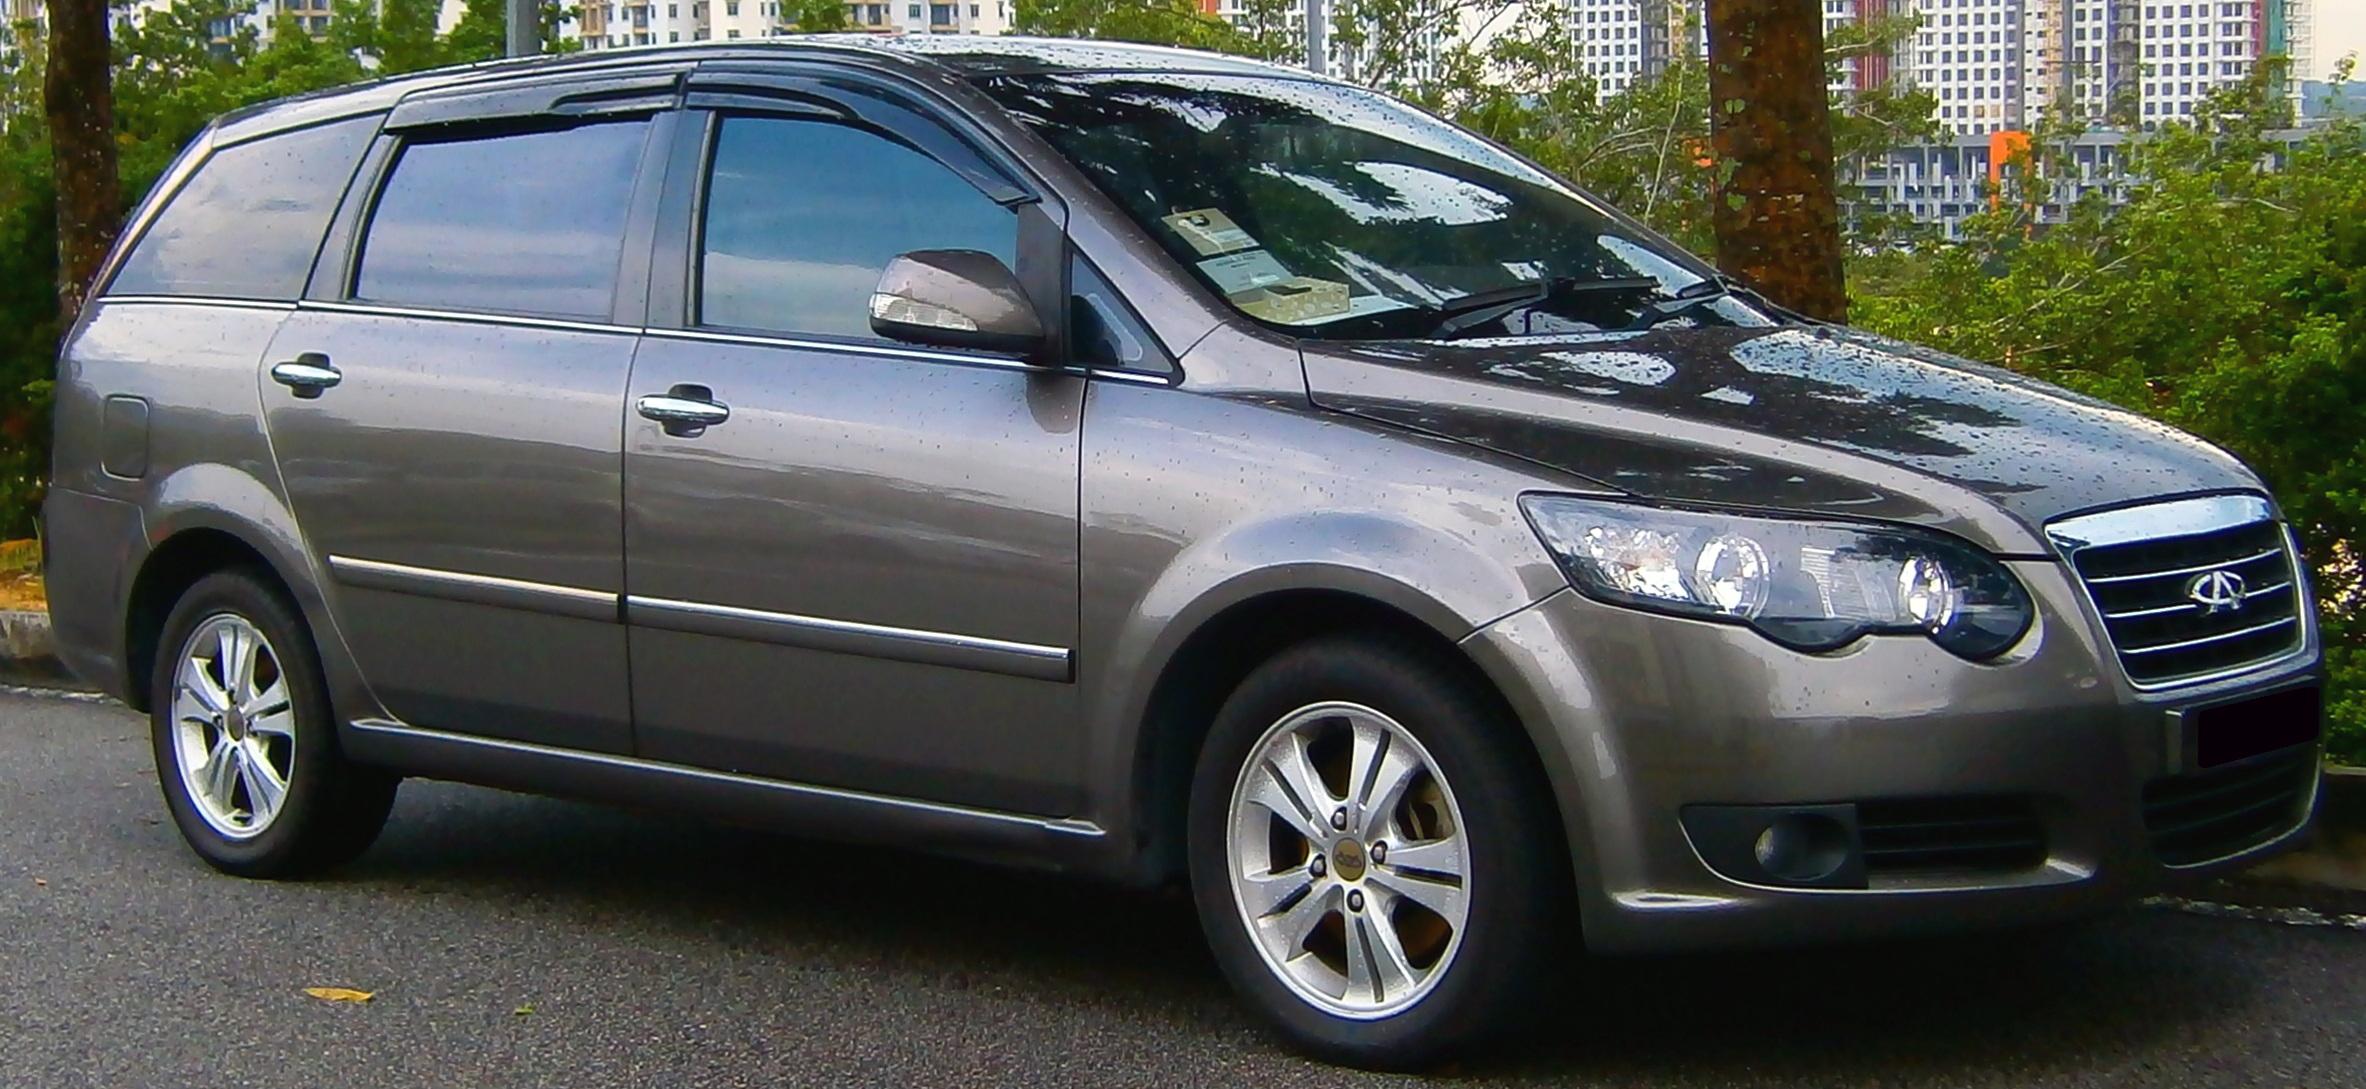 Chery B13 I 2006 - 2008 Minivan #5